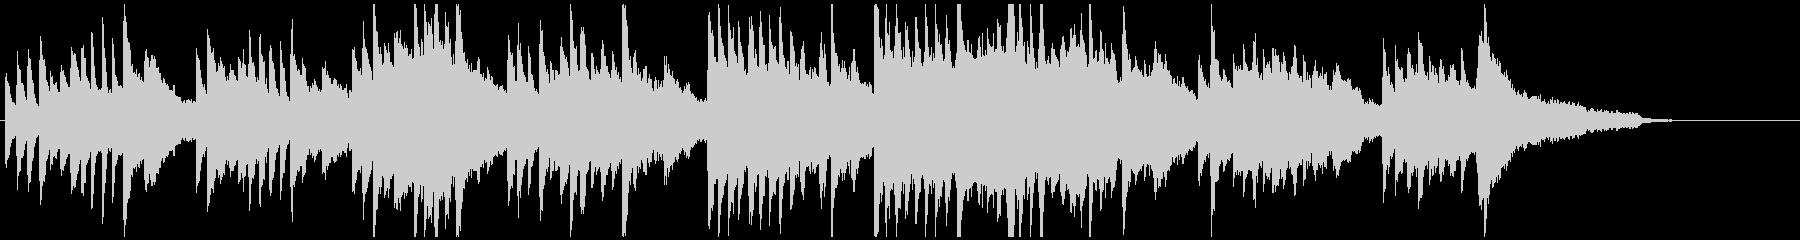 ピアノ 感動 ブライダル 清楚 シンプルの未再生の波形